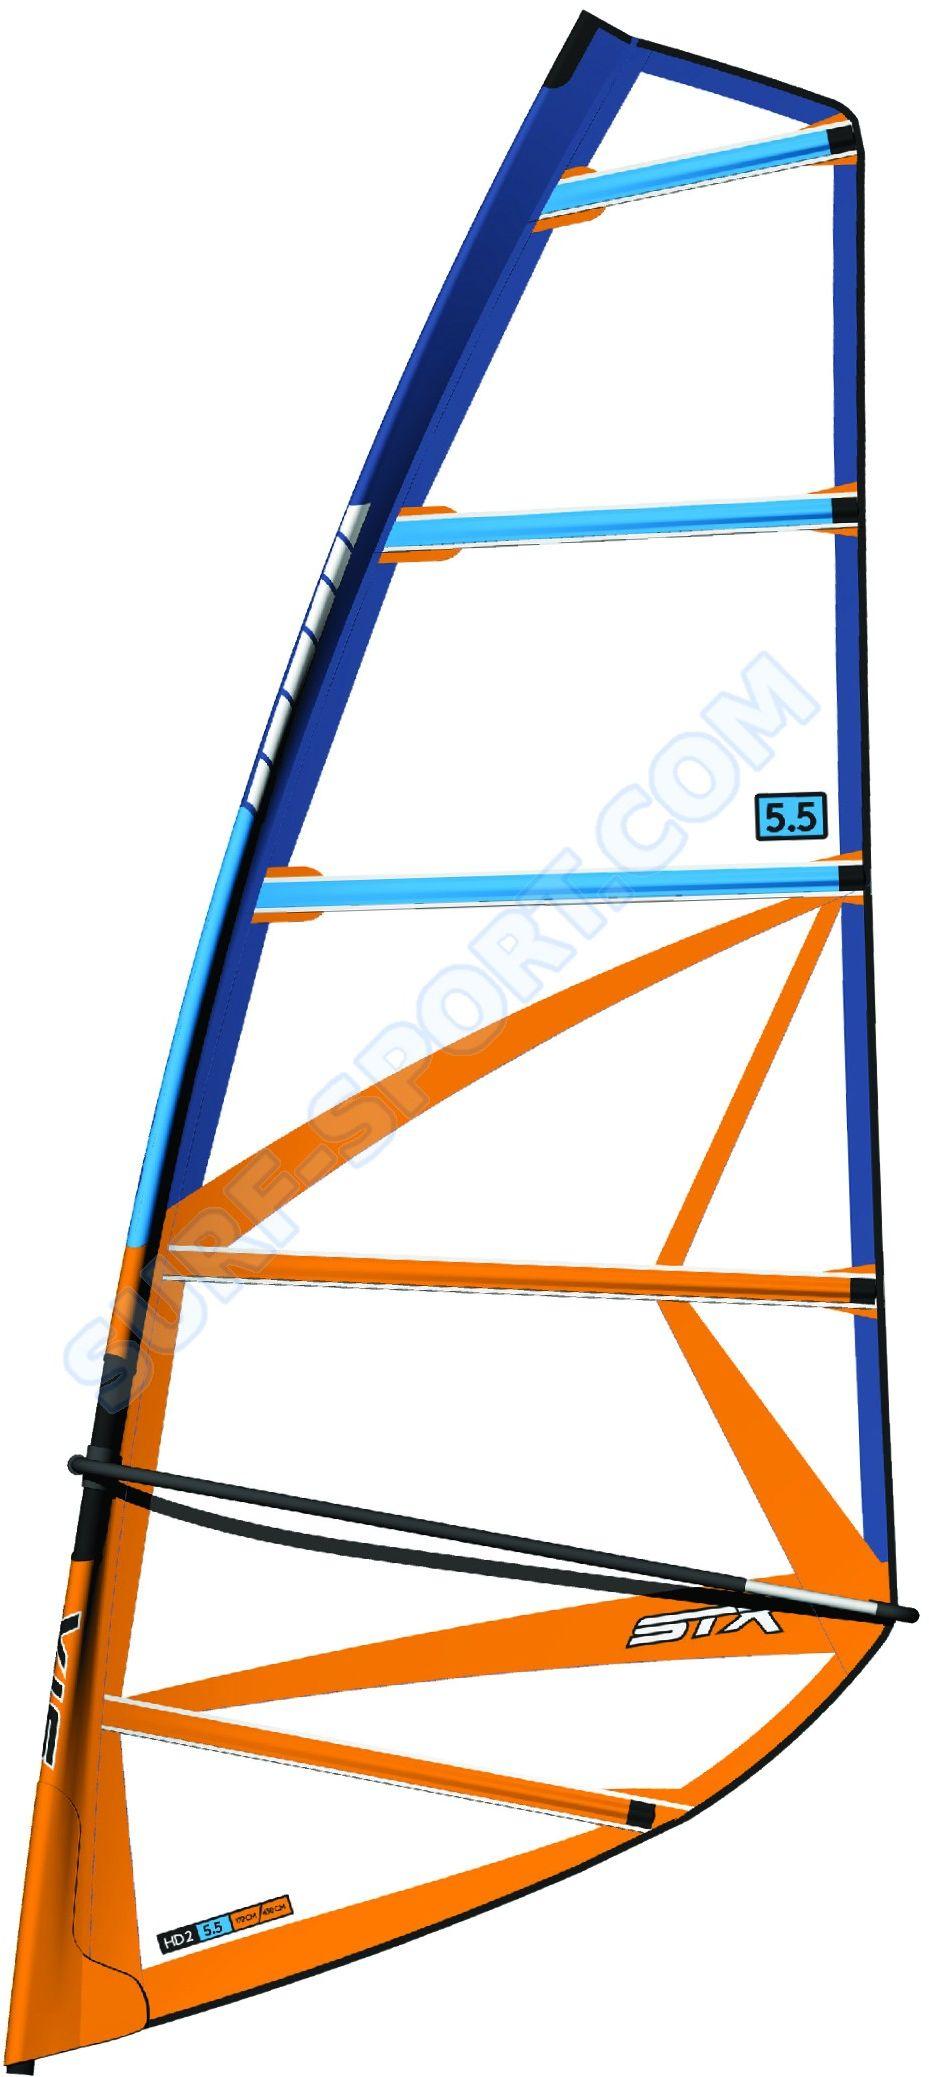 Żagiel-Cały Pędnik Do Deski Windsurfingowej ,Wind SUP, STX HD20 Rig 2021